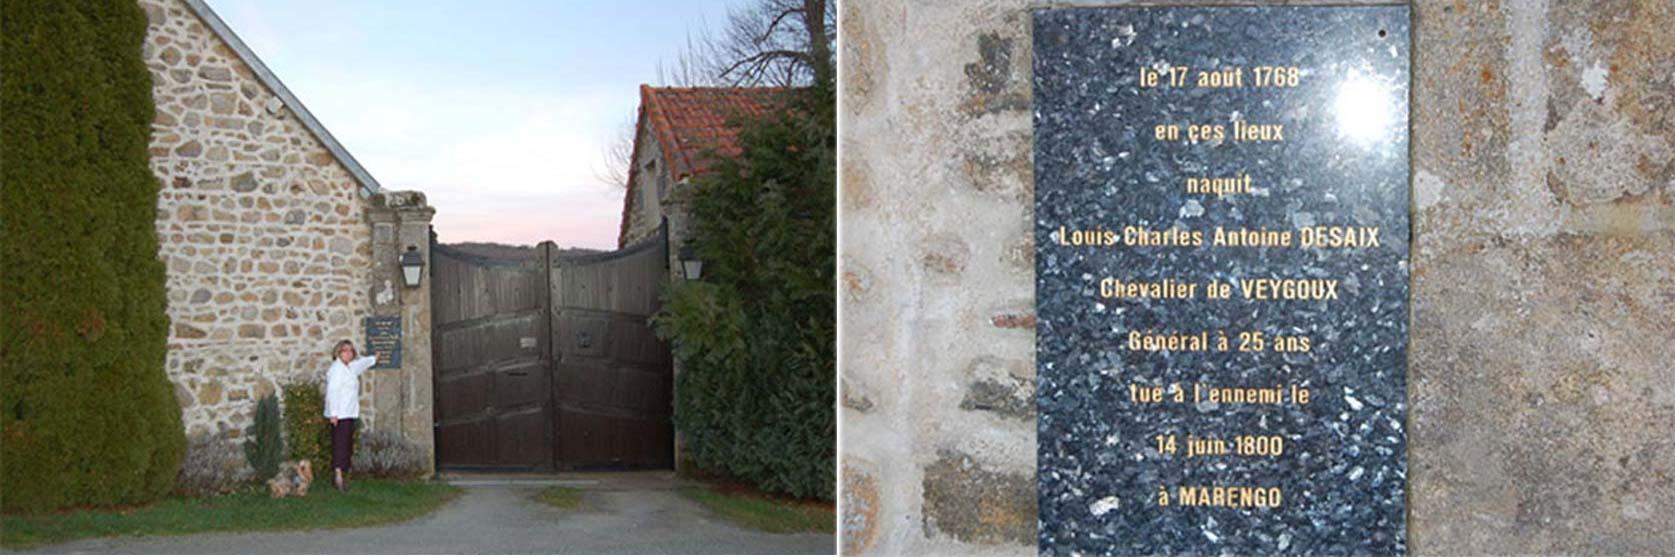 Maison natale du général Desaix